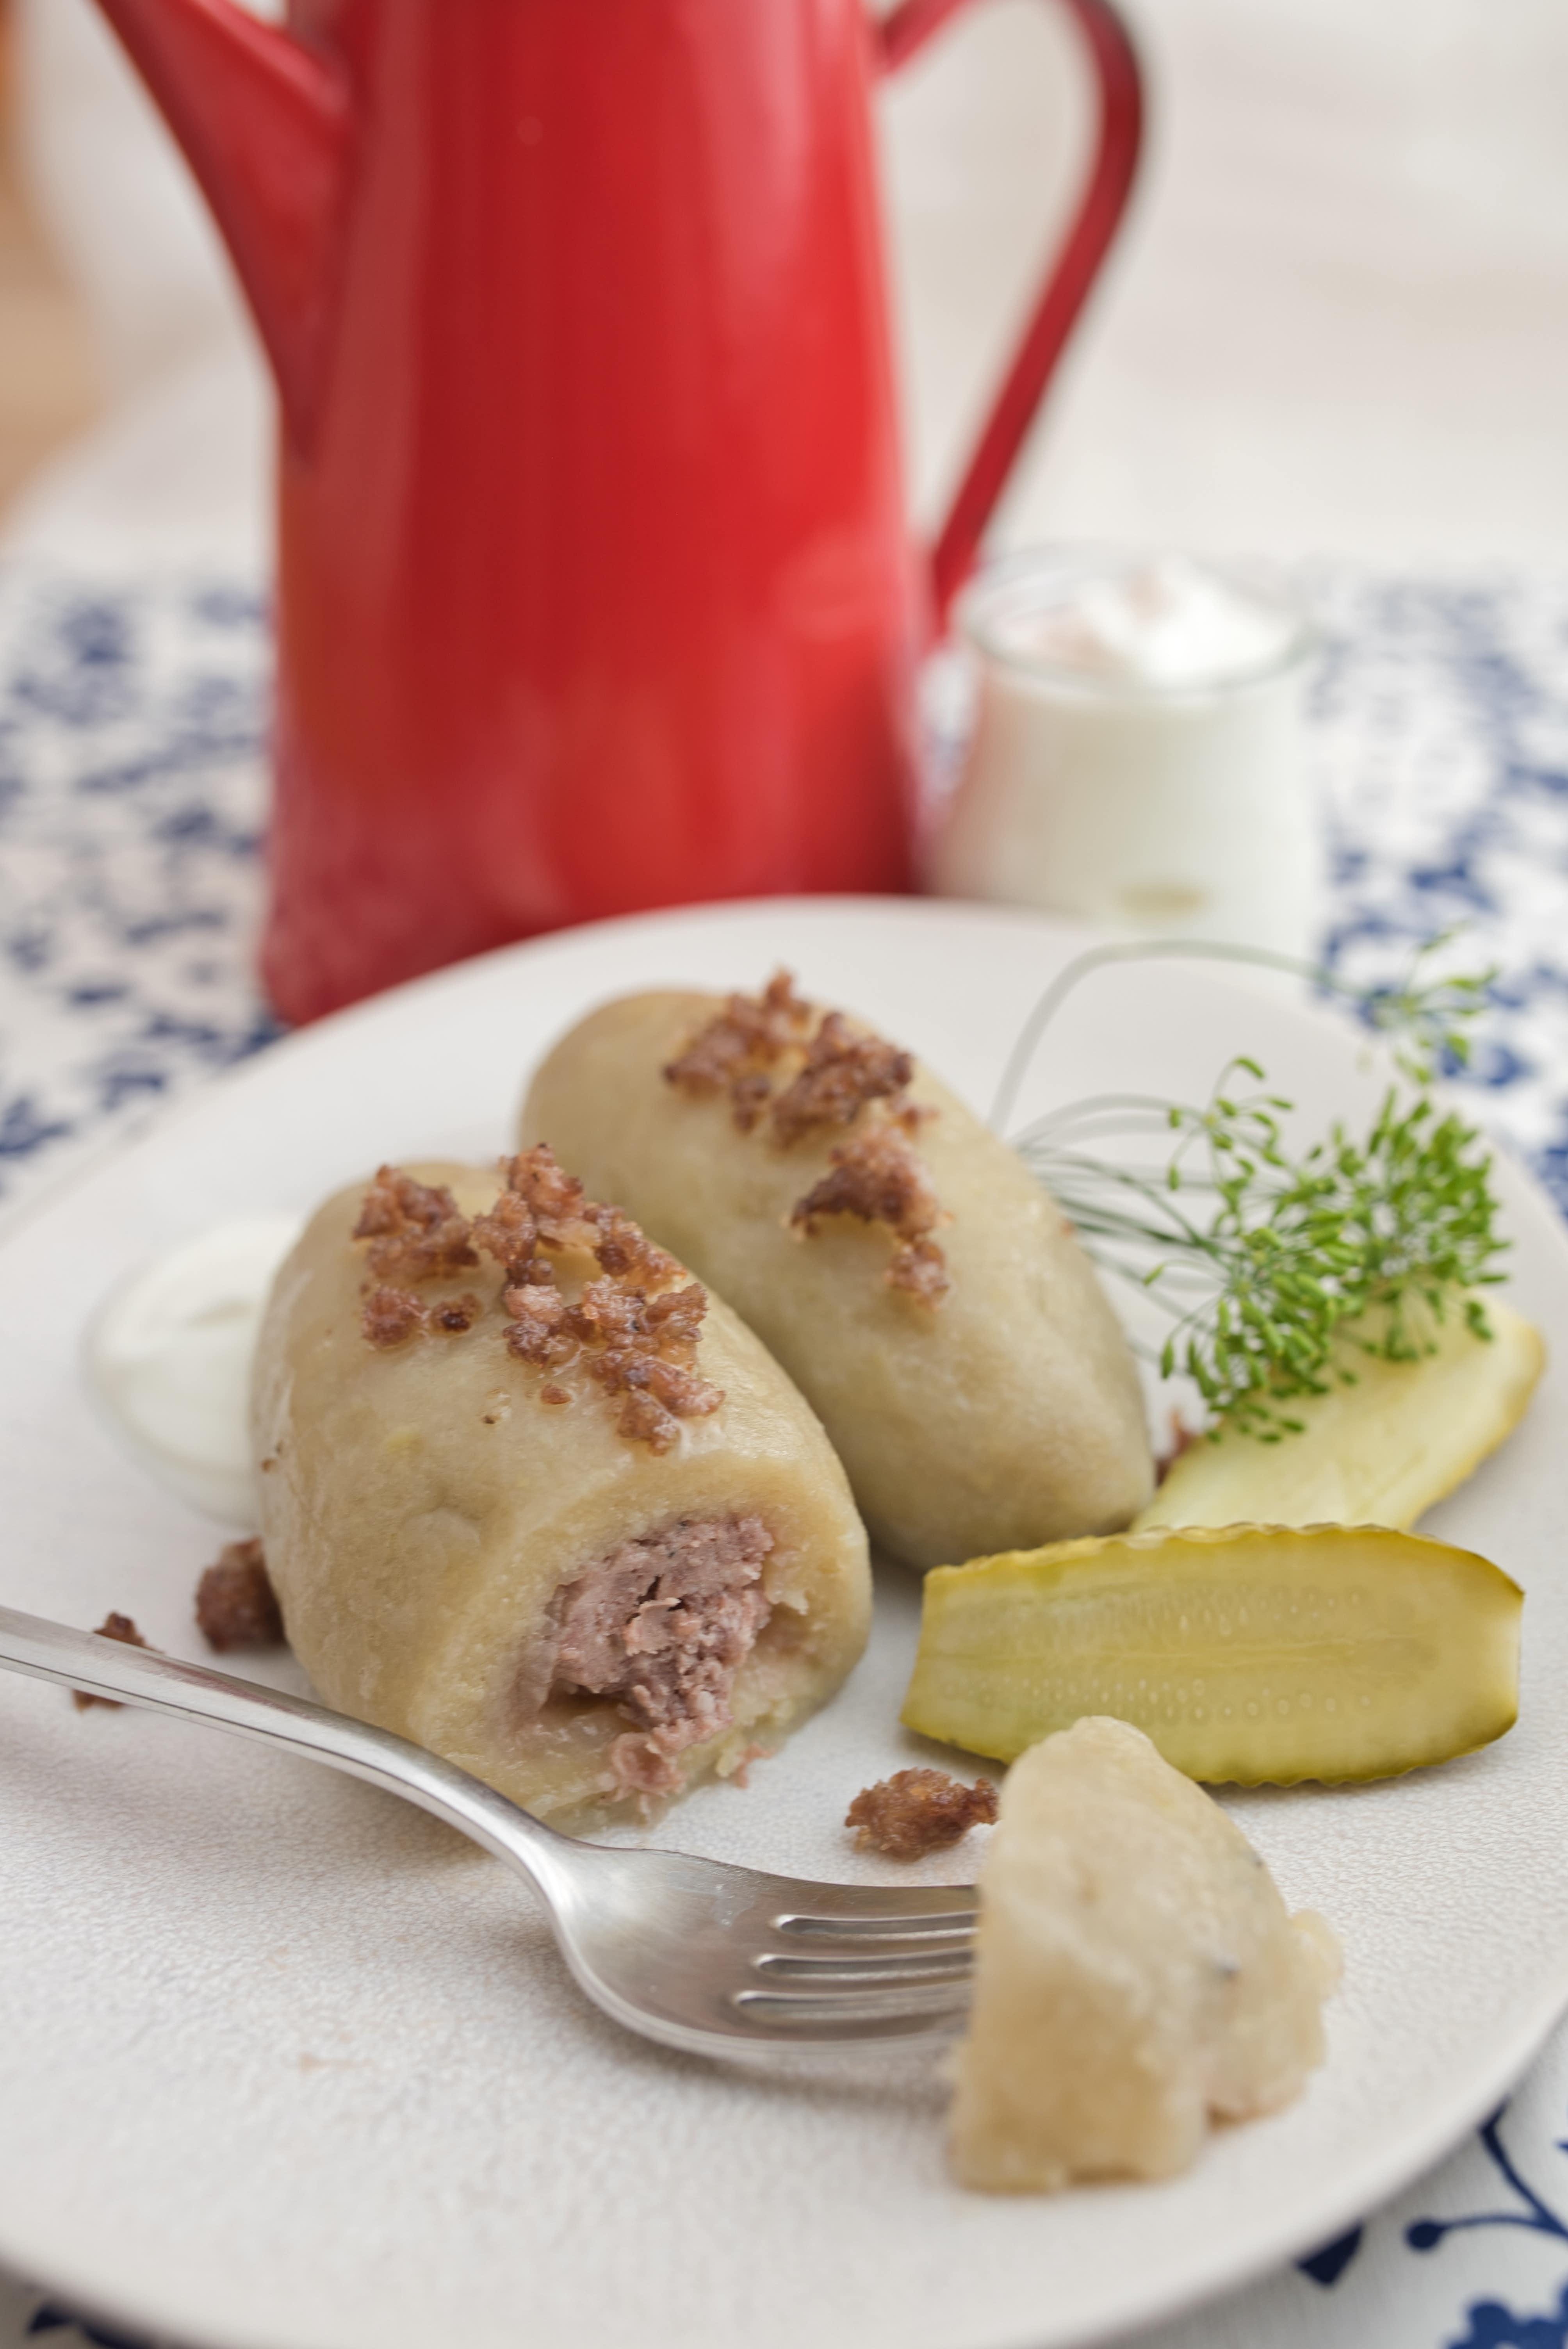 kartacze na talerzu okraszone cebulka i boczkiem, podane z ogórkiem kiszonym